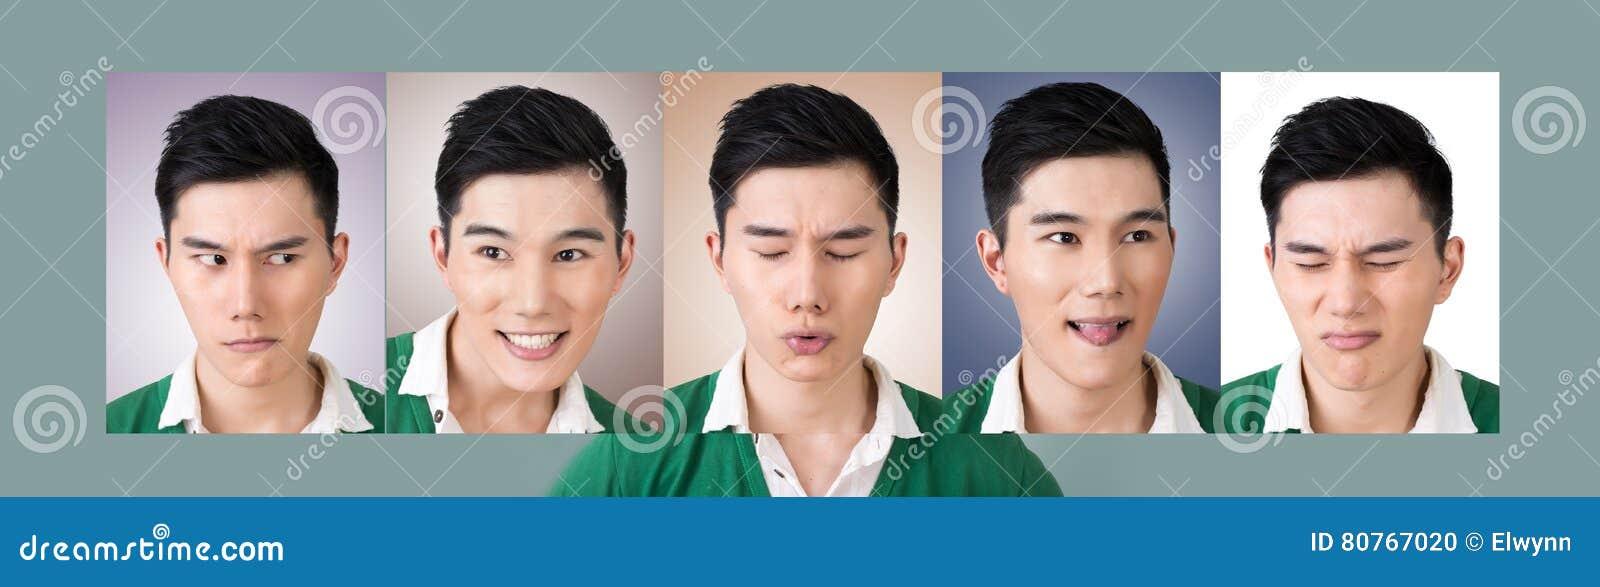 Kies een uitdrukking van gezicht